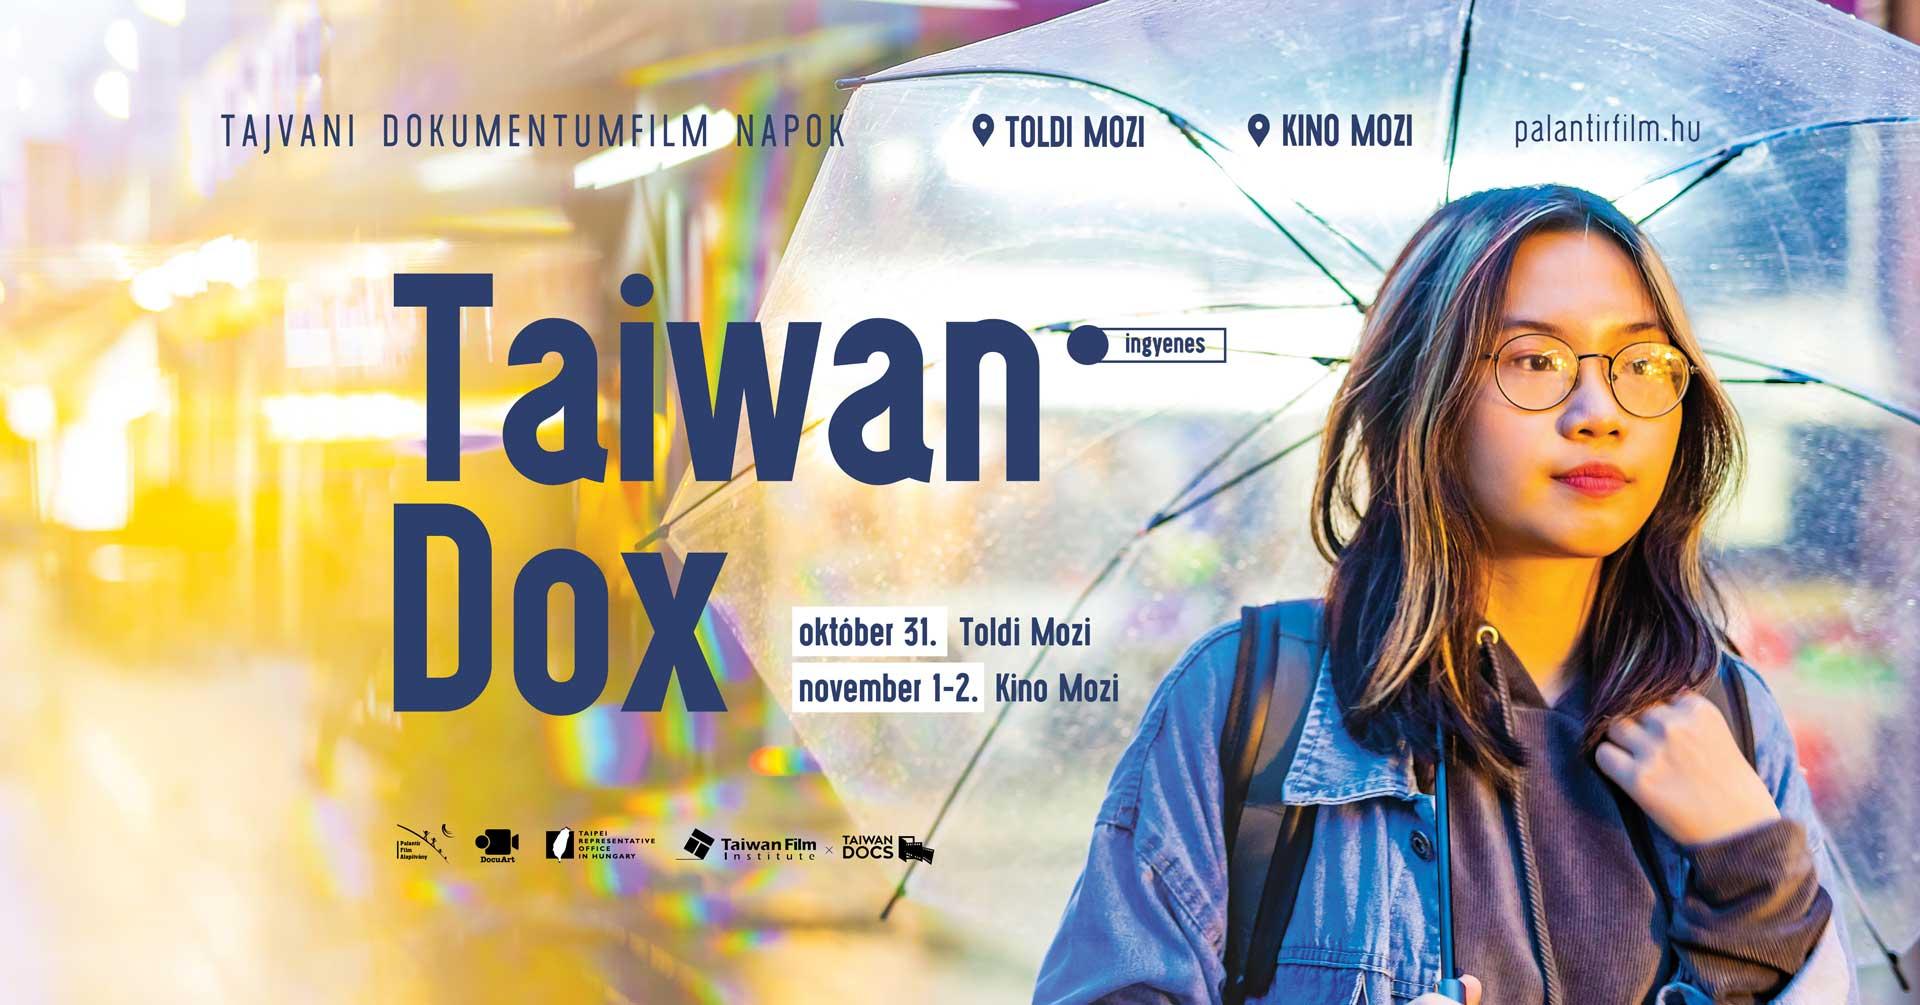 Taiwan Dox - Ingyenes vetítésekkel várja a látogatókat a Tajvani Dokumentumfilm Napok